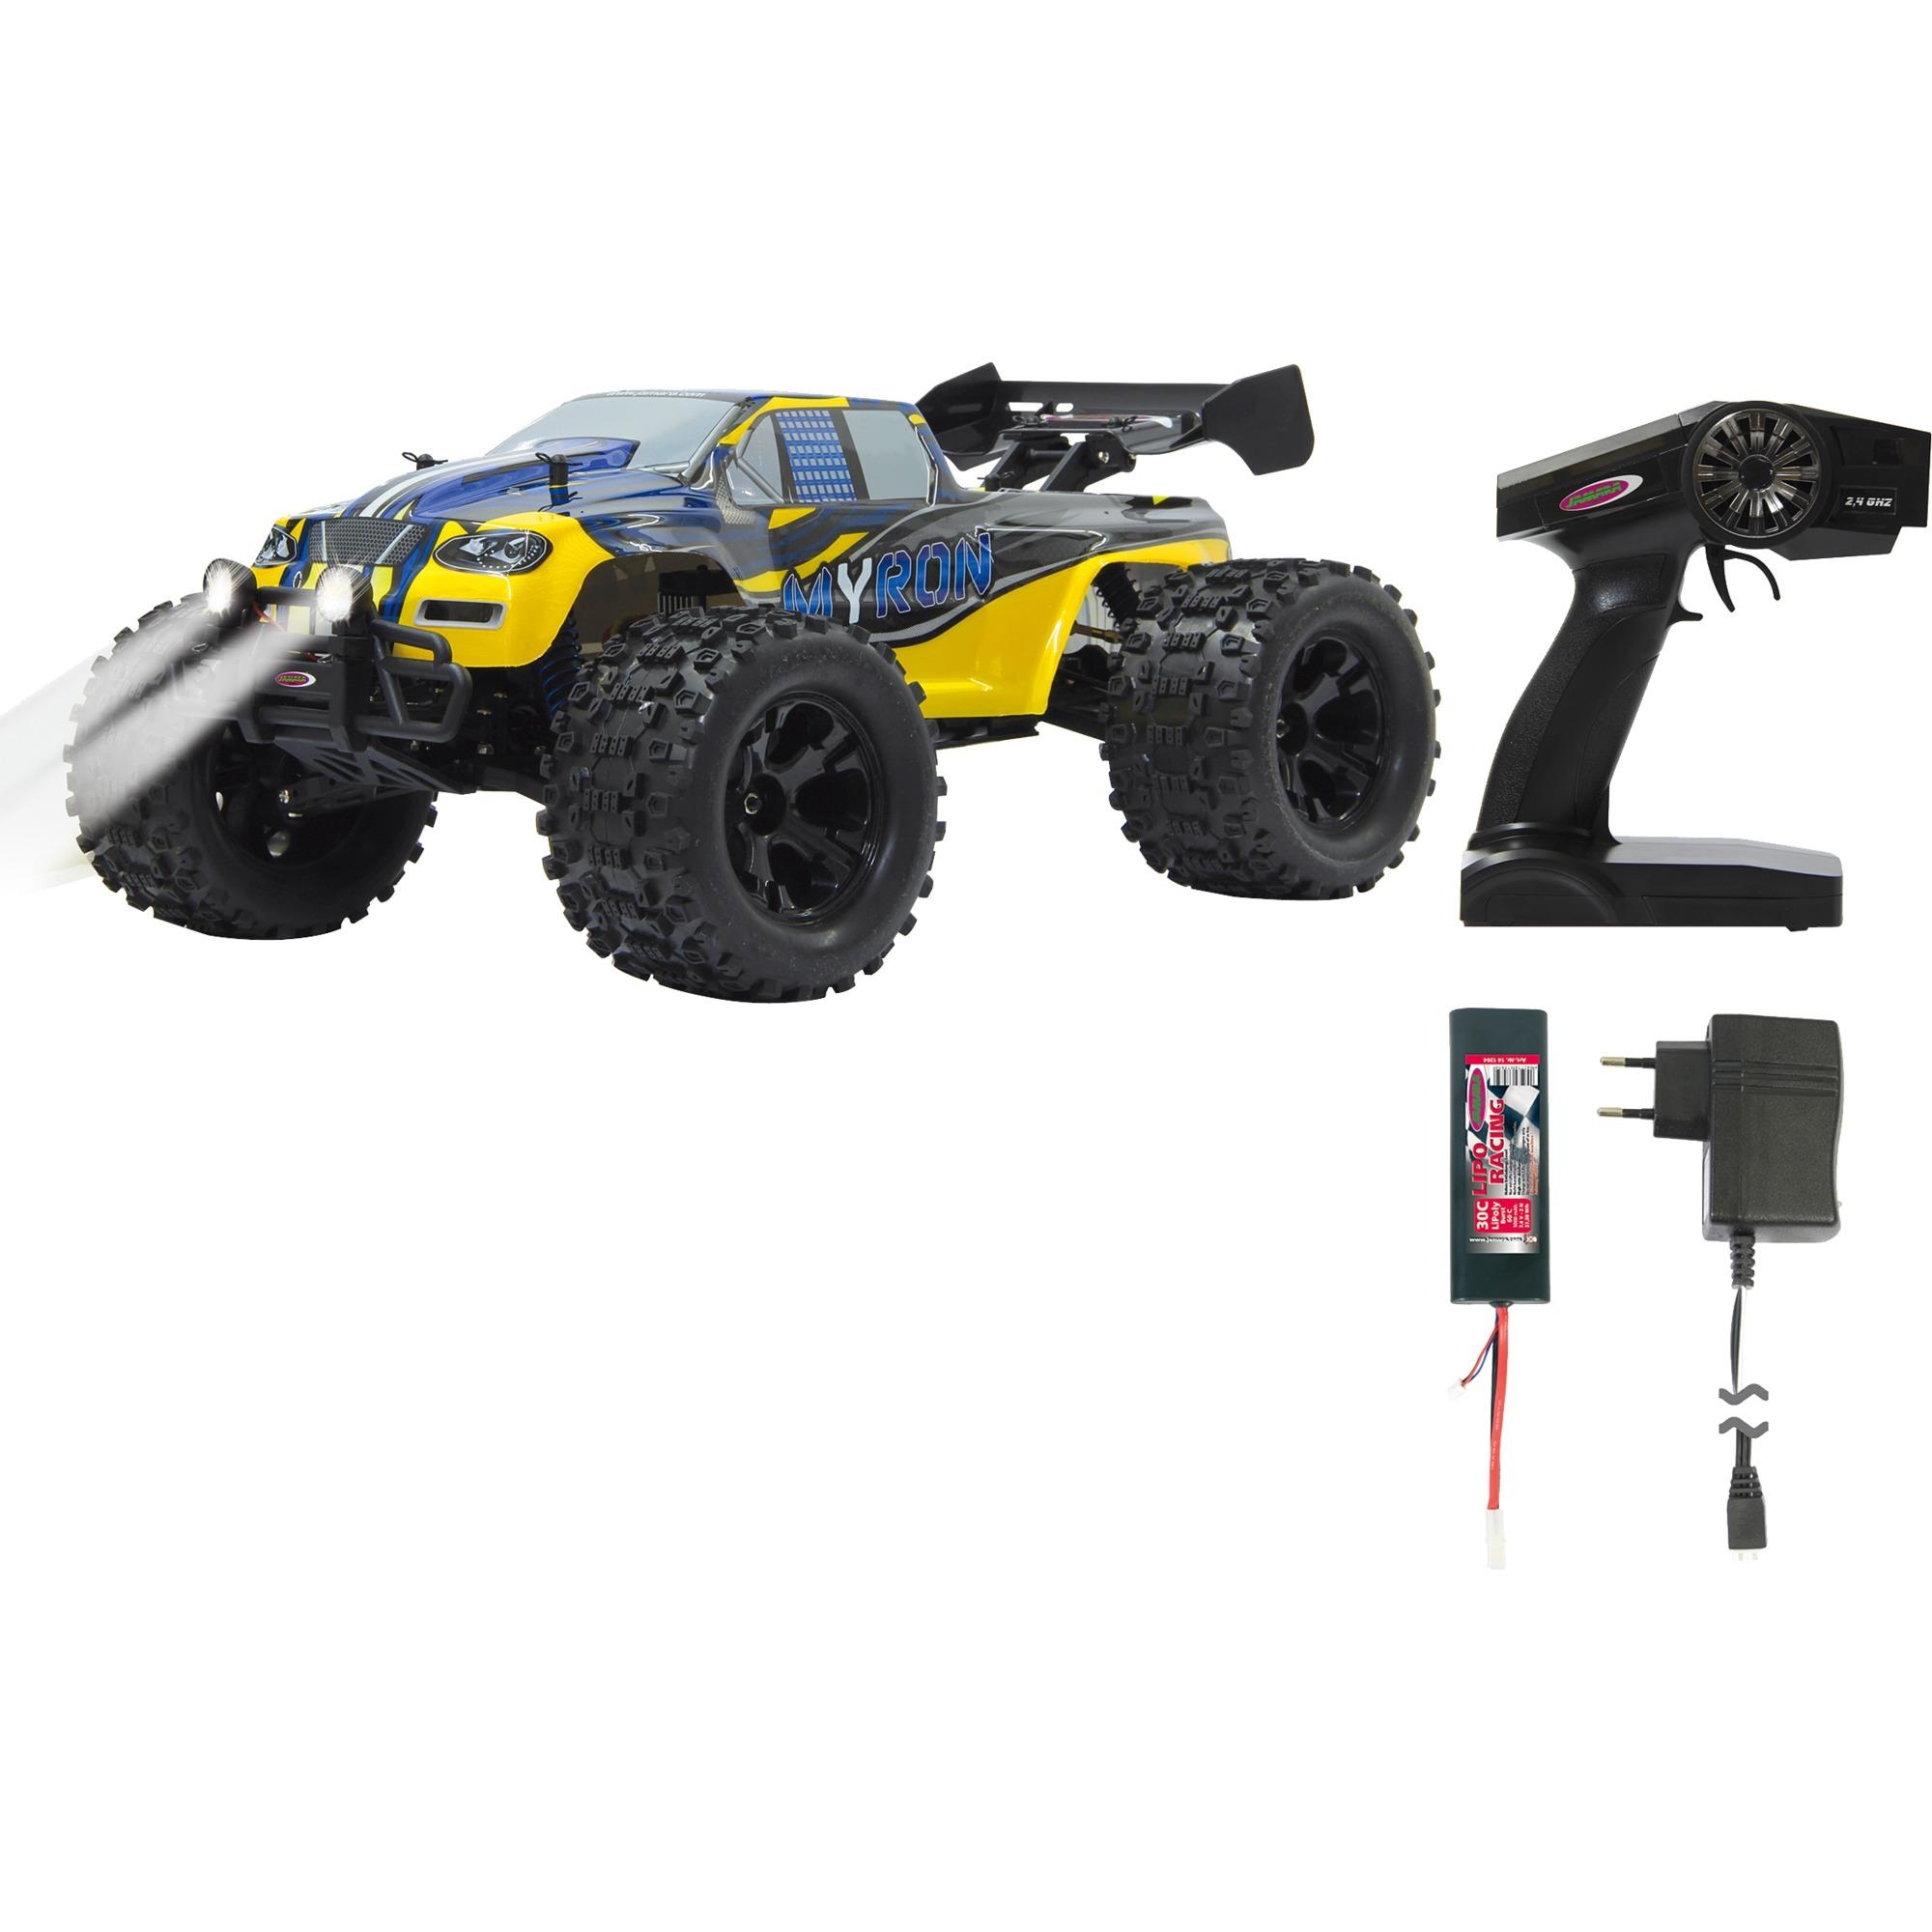 053365 vehículo de tierra por radio control (RC) Monster truck Motor eléctrico 1:10, Radiocontrol